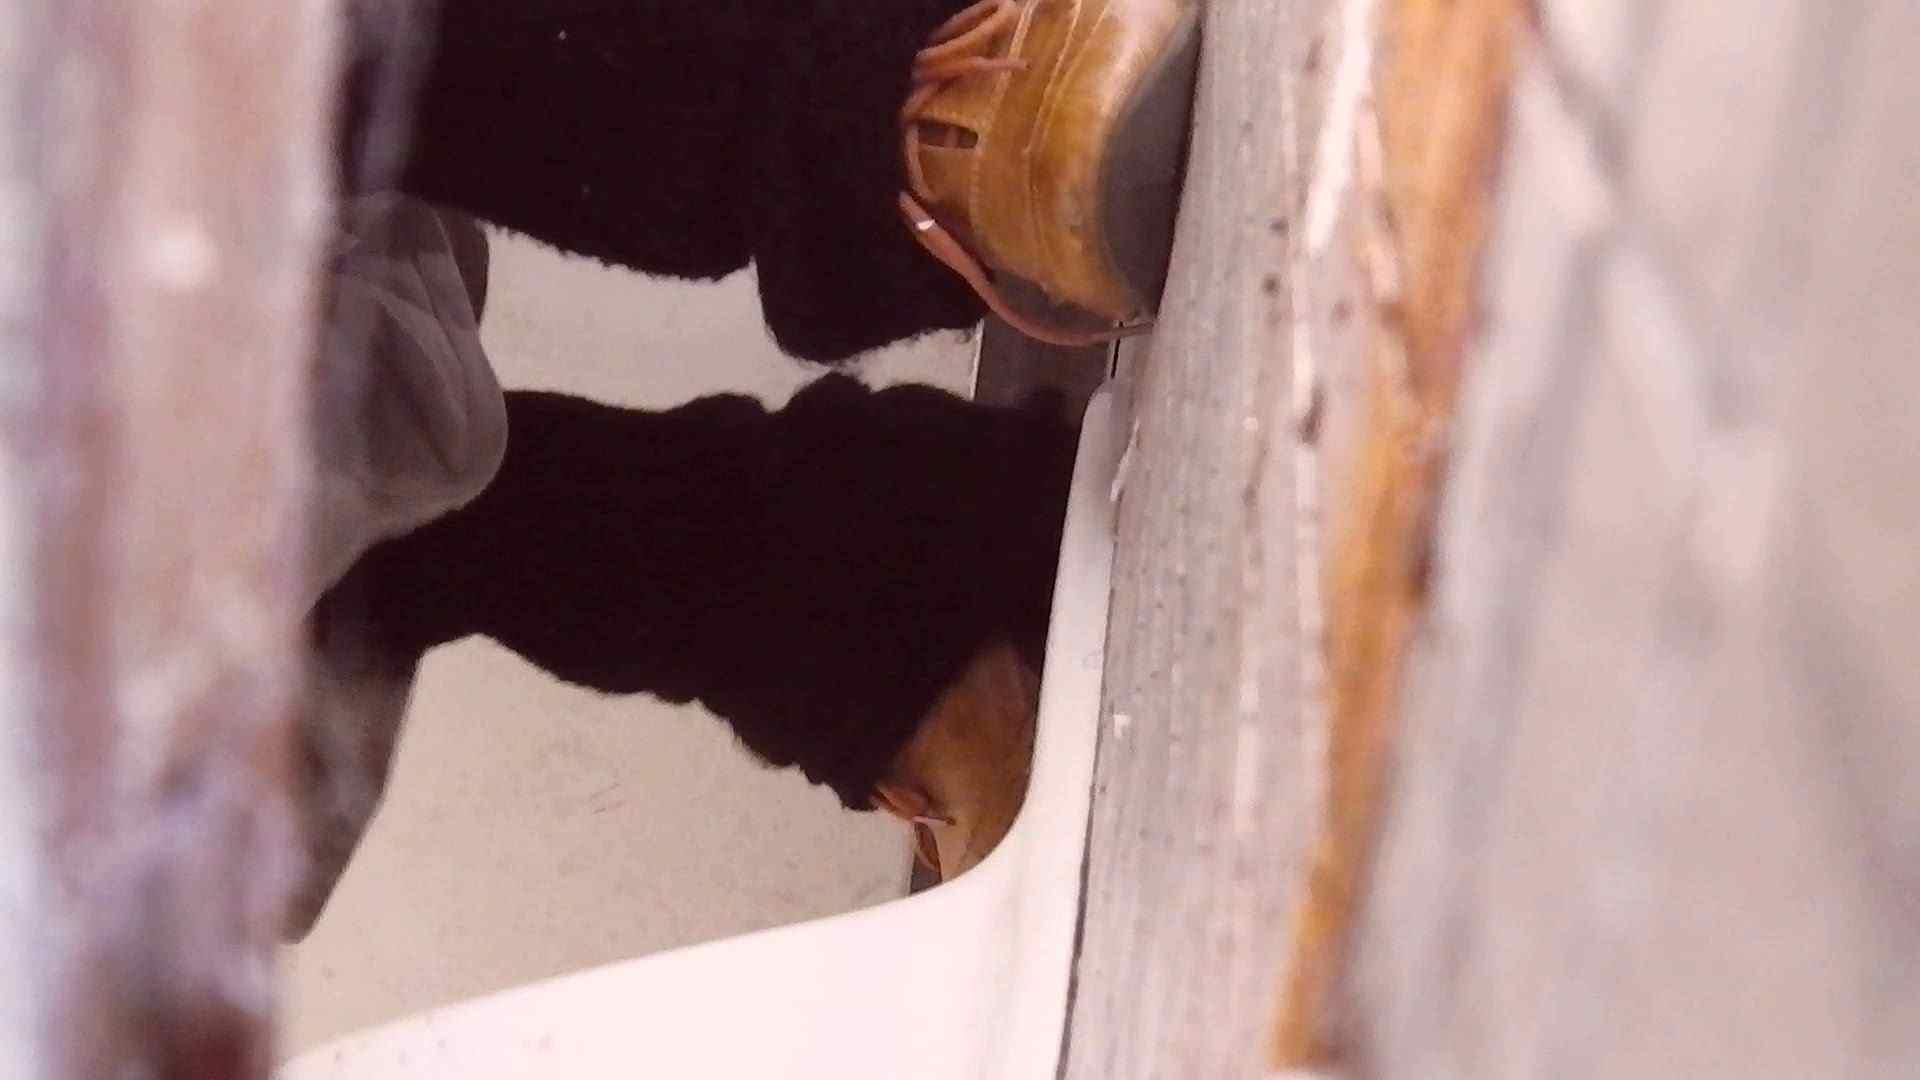 高画質至近映像和式の隙間 Vol.01 エロいOL エロ画像 103枚